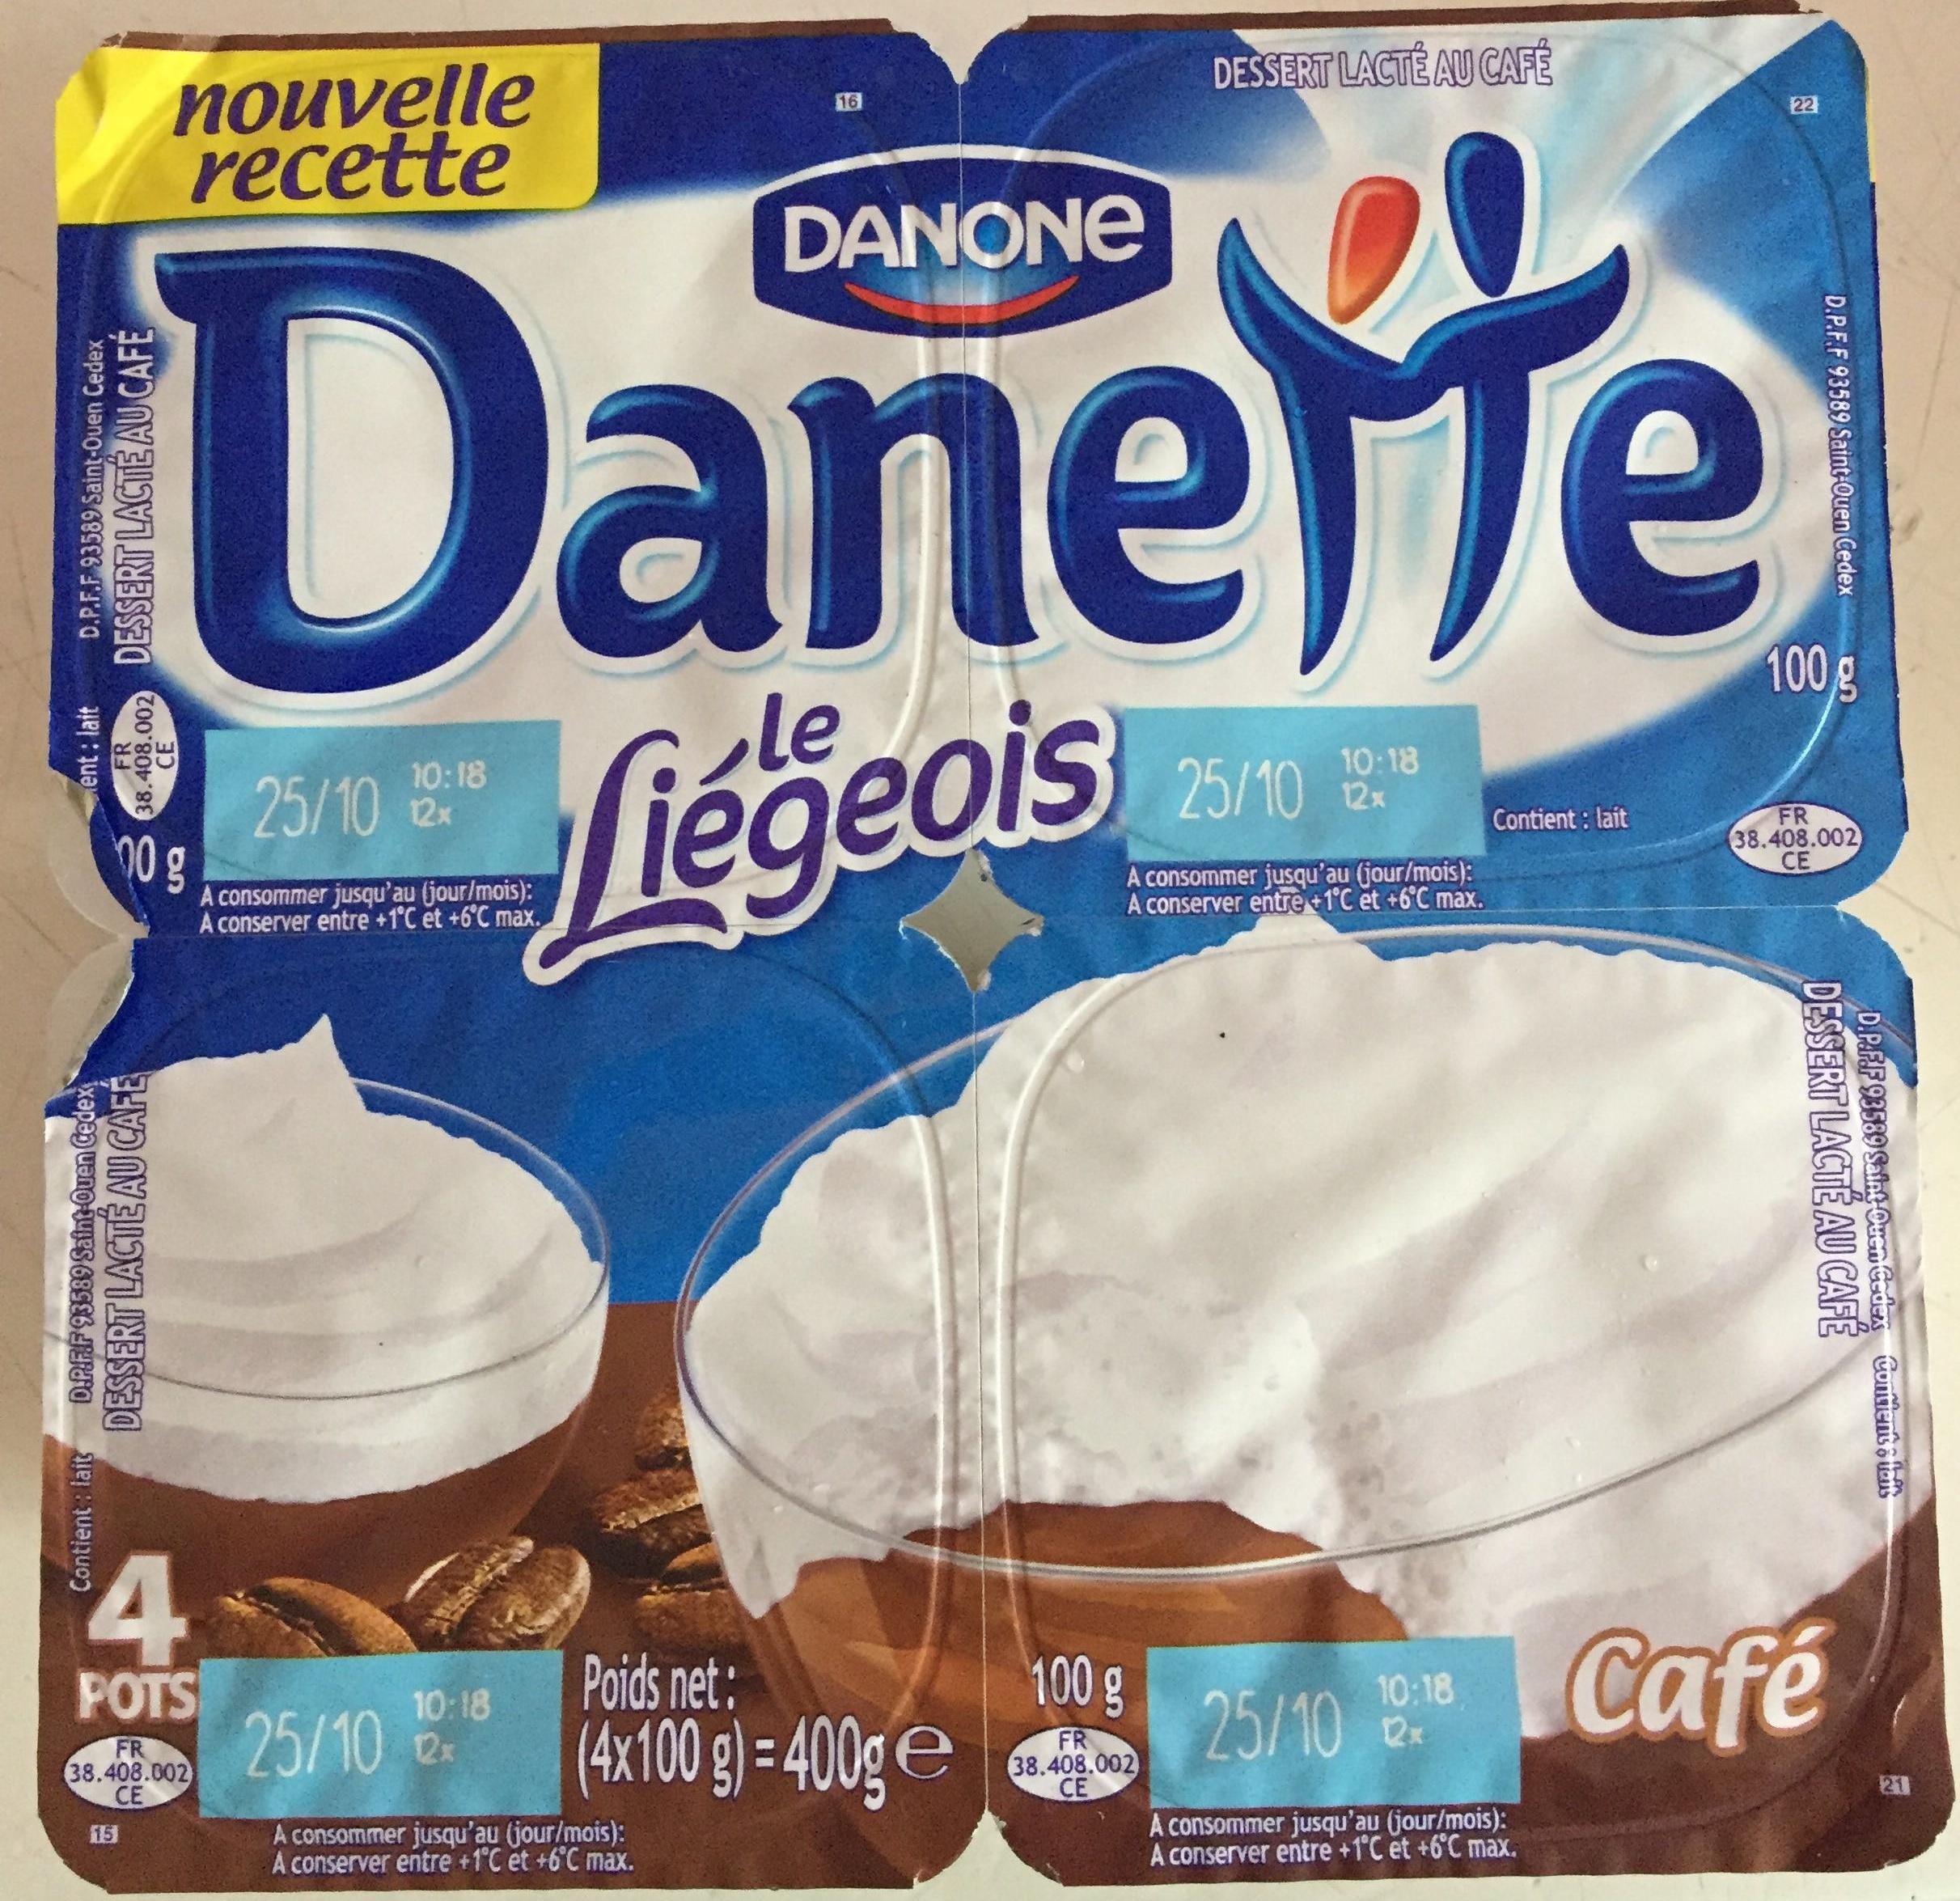 Danette (le Liégeois Café) 4 Pots - Product - fr